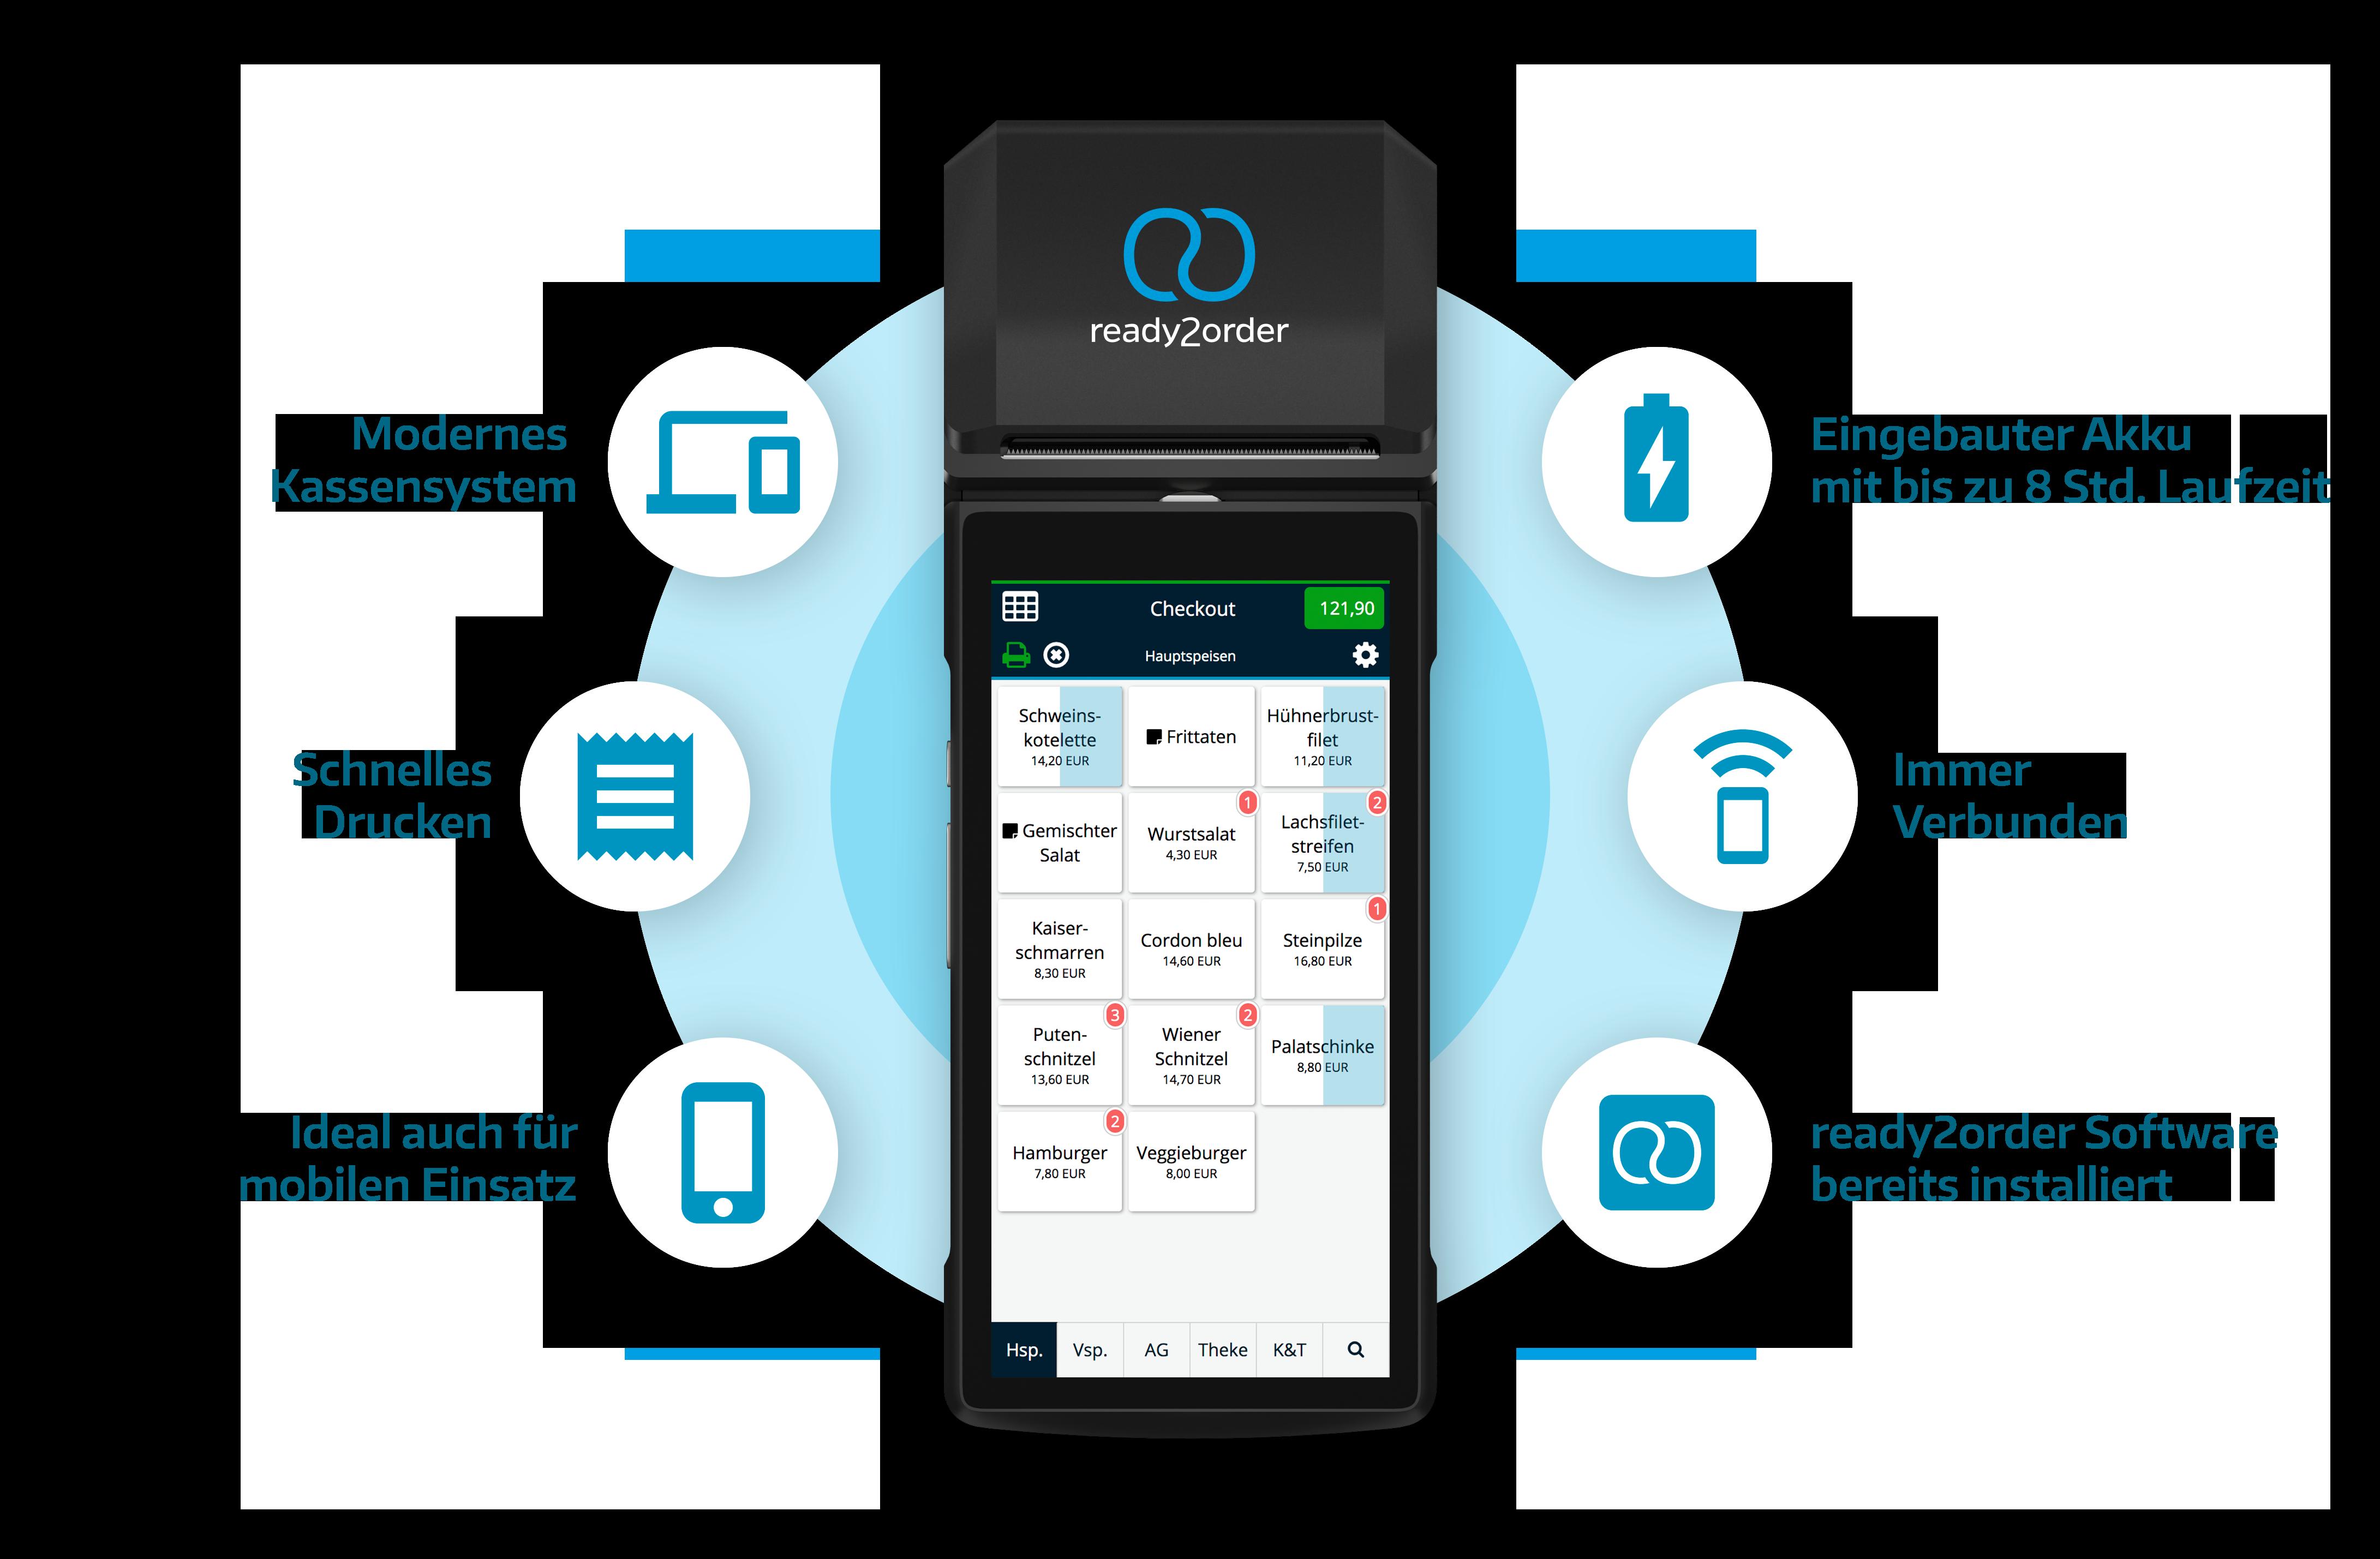 readyP2 Mobile Registrierkasse mit Drucker Funktionen